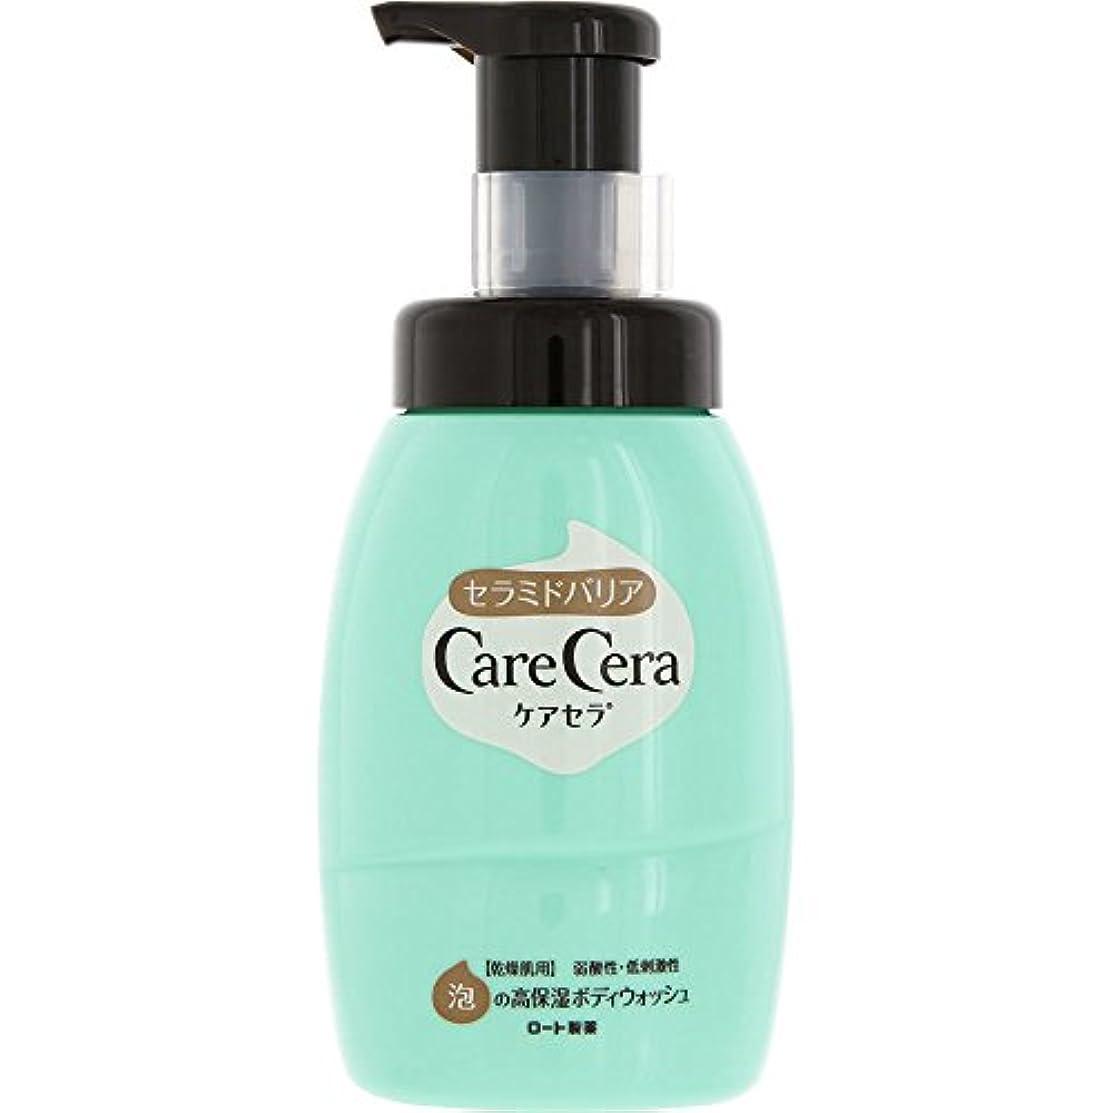 賢明な提供された細部CareCera(ケアセラ) 泡の高保湿 ボディウォッシュ 450mL